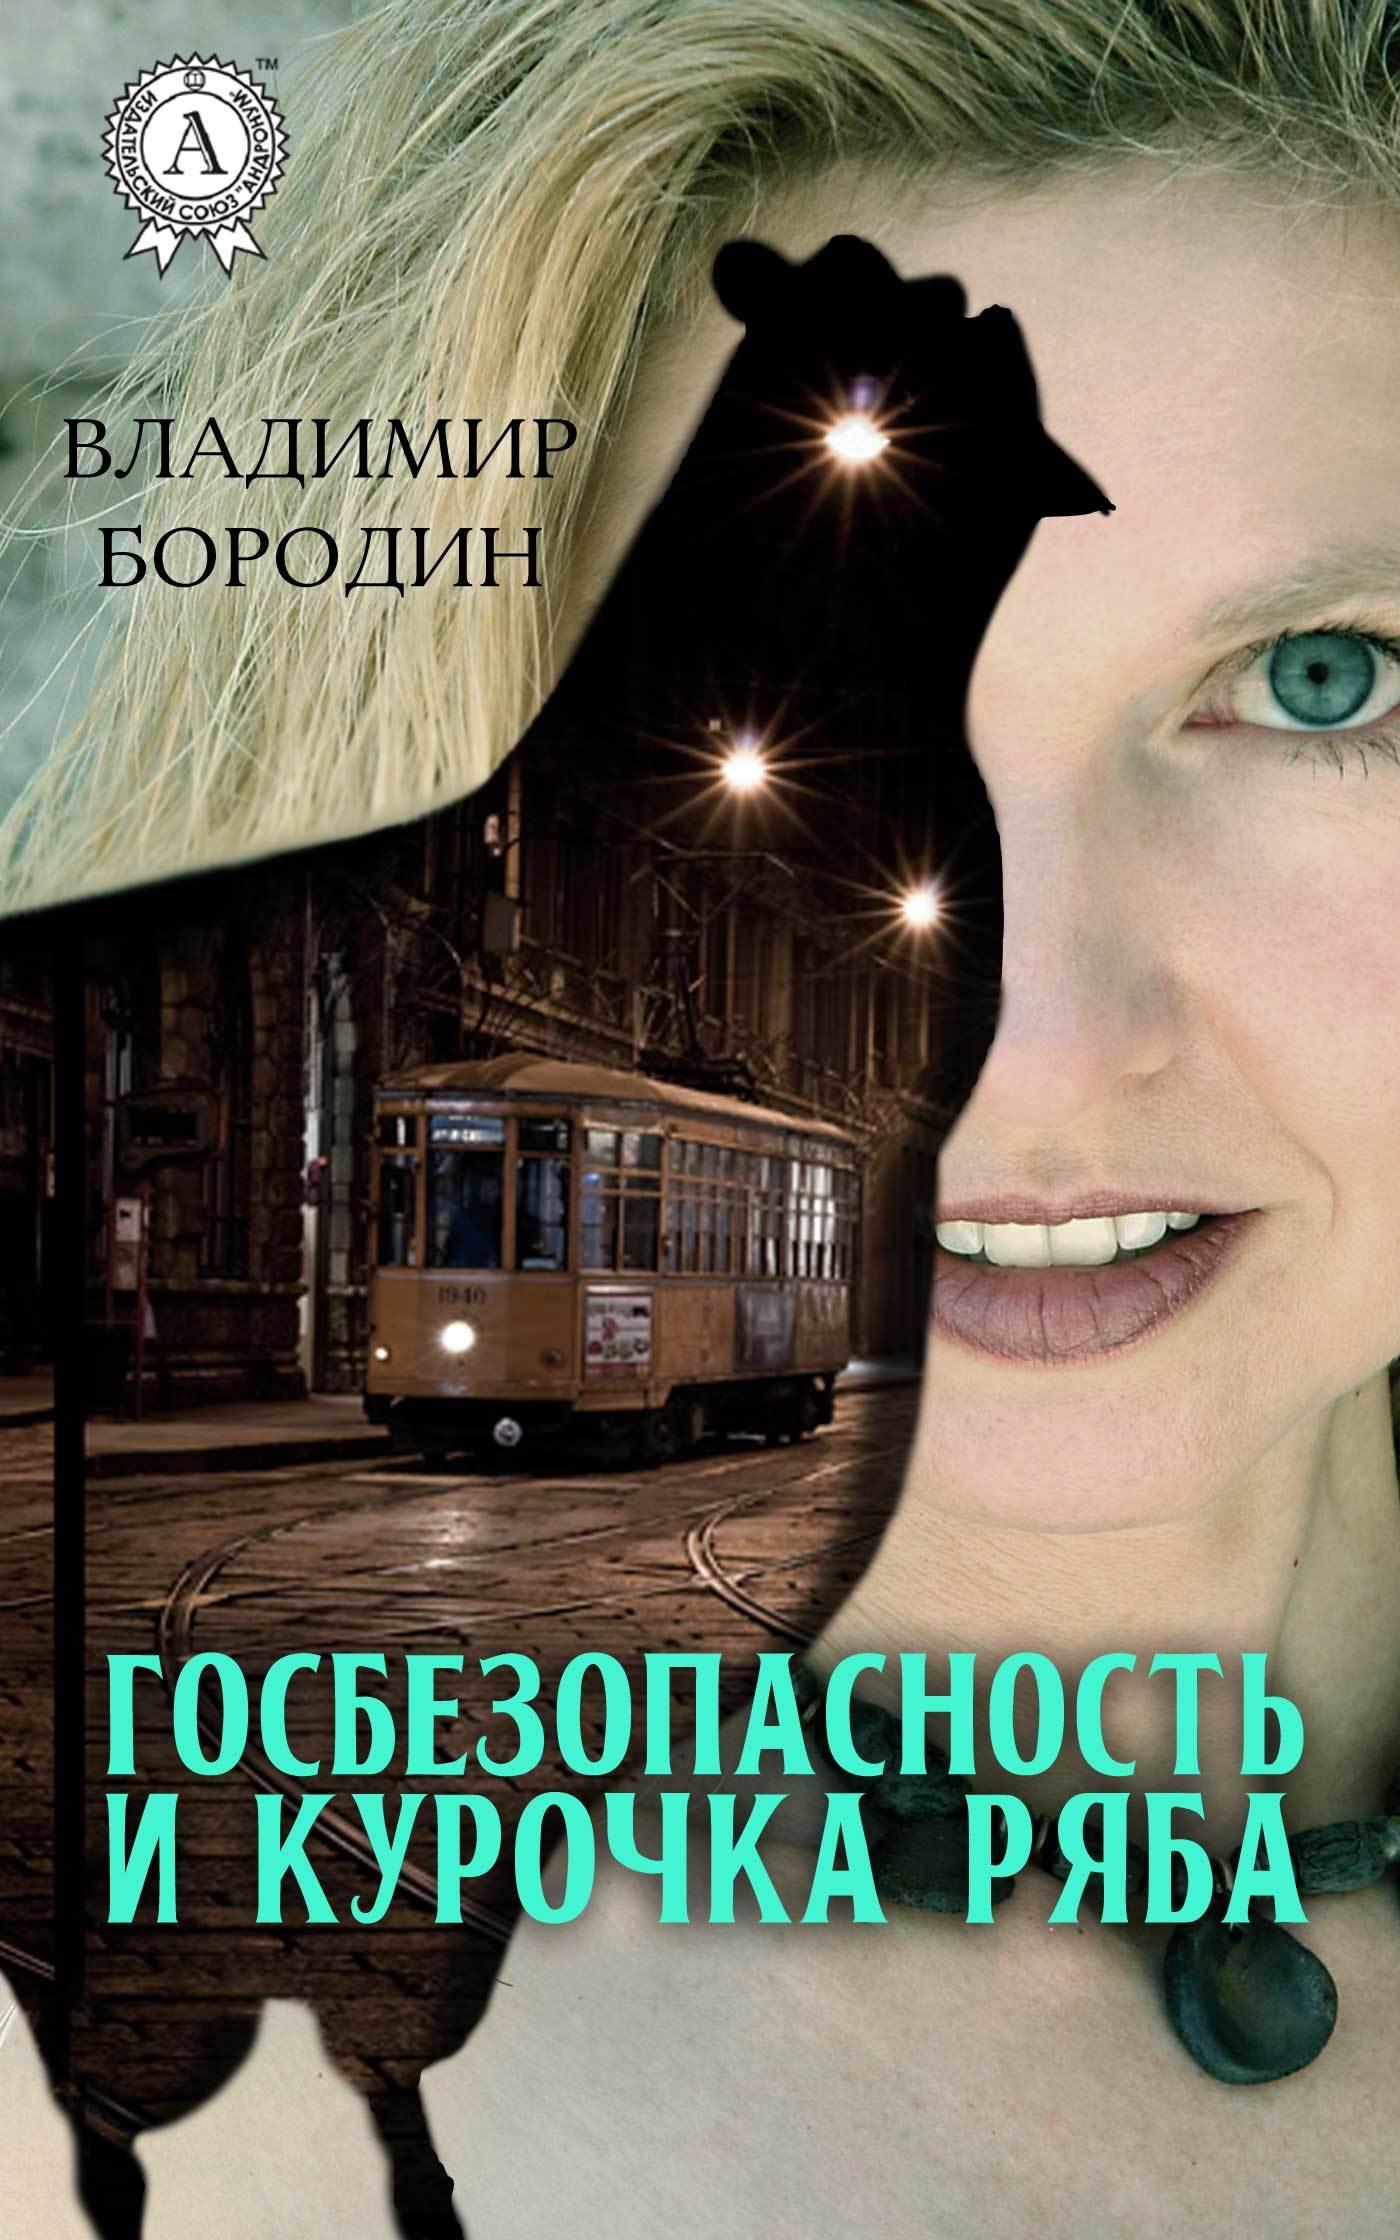 Владимир Бородин - Госбезопасность и курочка ряба